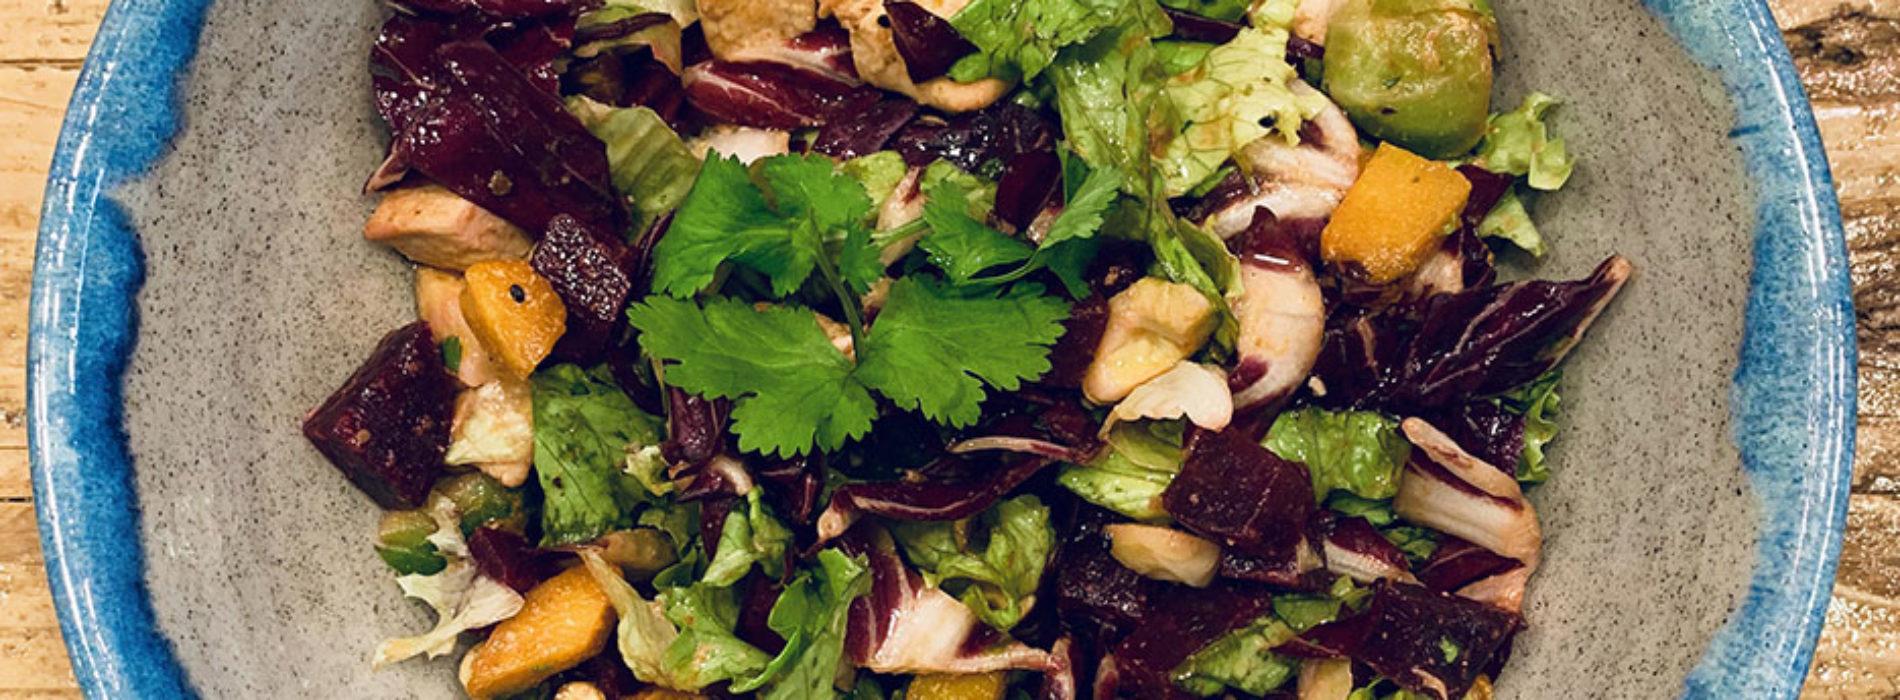 Muzzi Breakfast & Salad Bar Milano, insalate e golosità healty in via Sottocorno